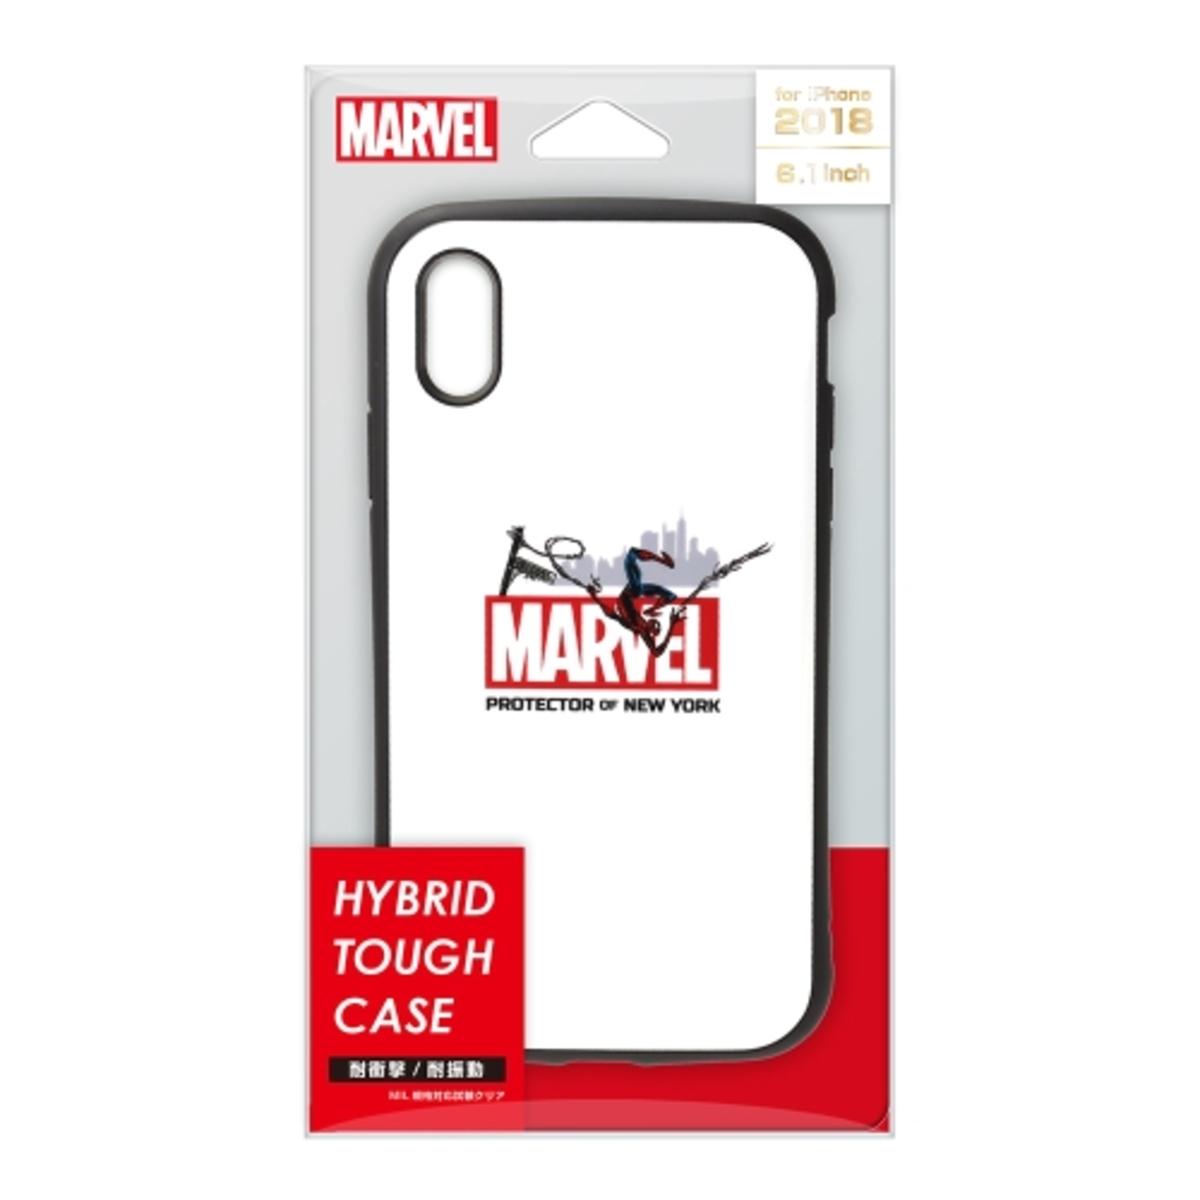 迪士尼 Marvel 蜘蛛俠 防撞耐震 手機保護殼 DCS508MVL